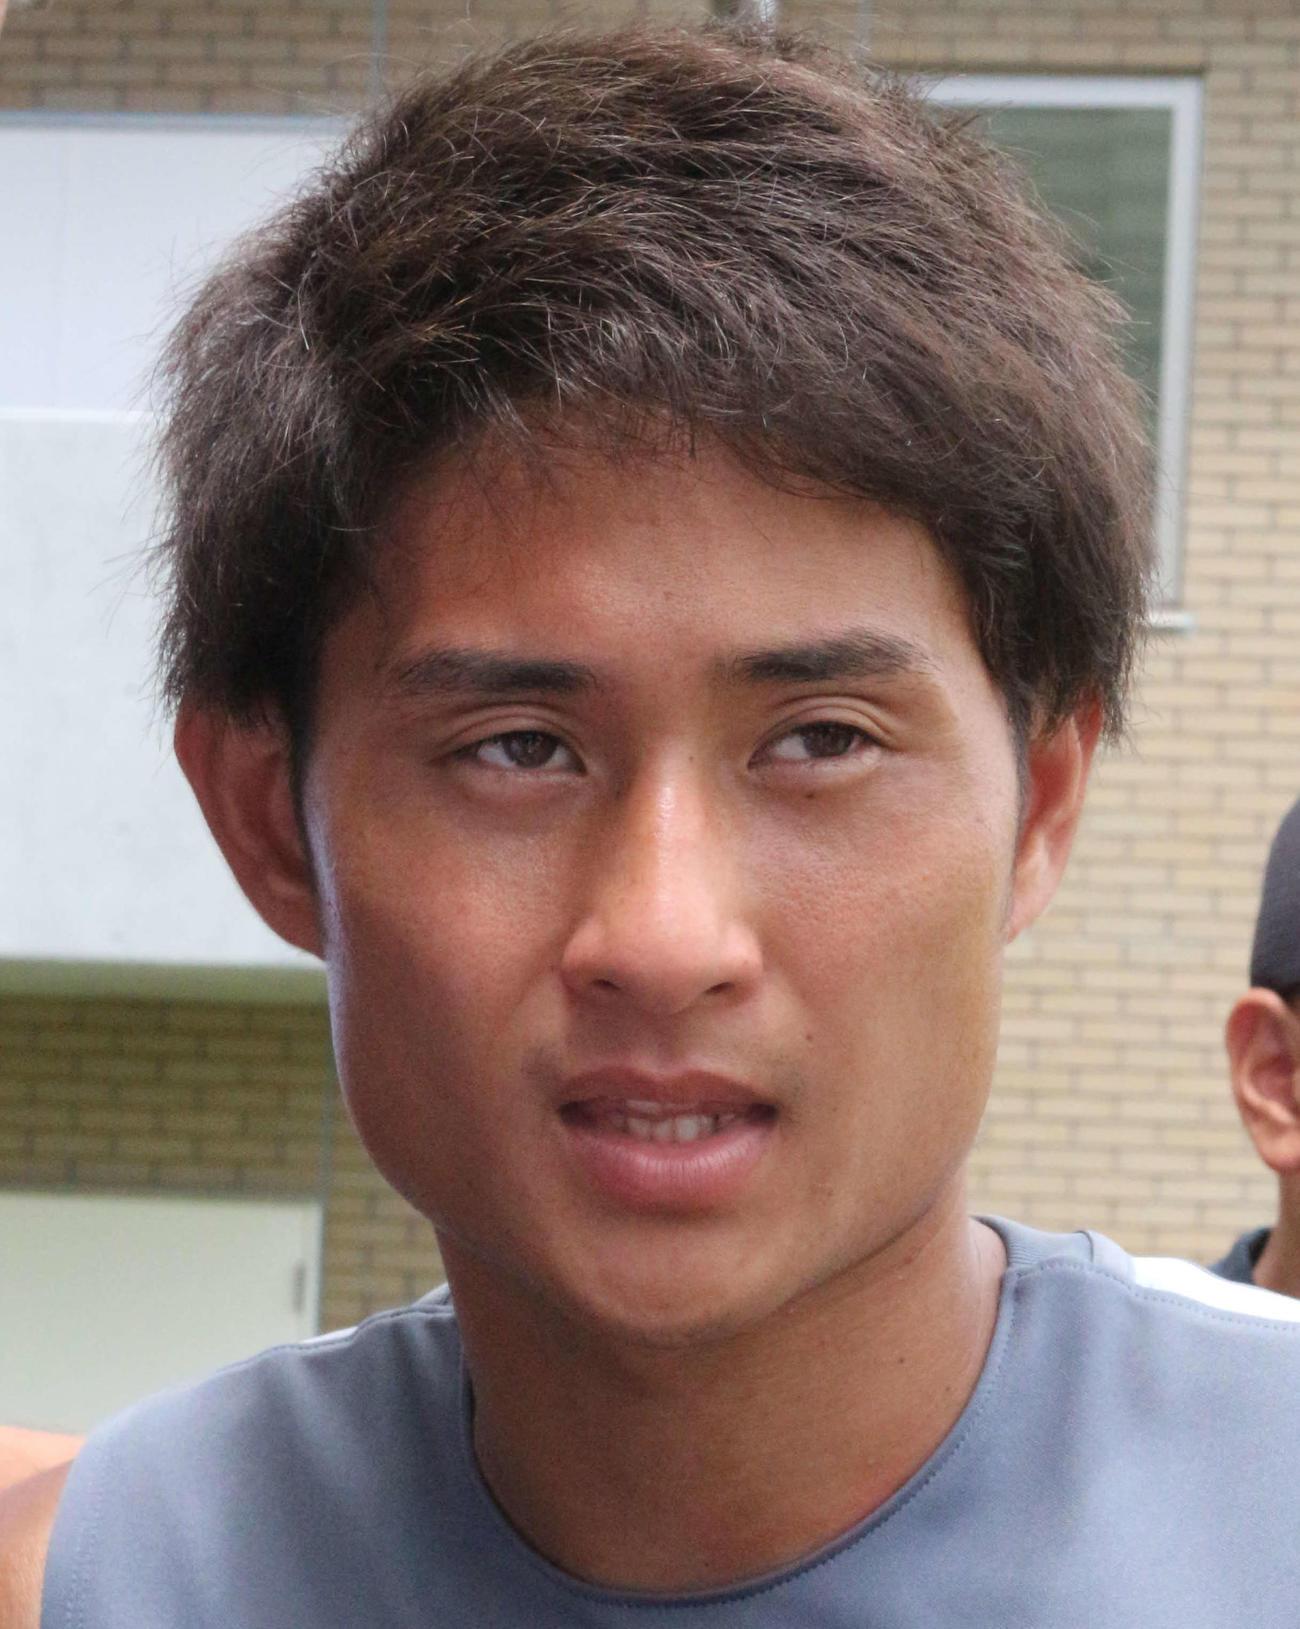 関根貴大(17年8月撮影)